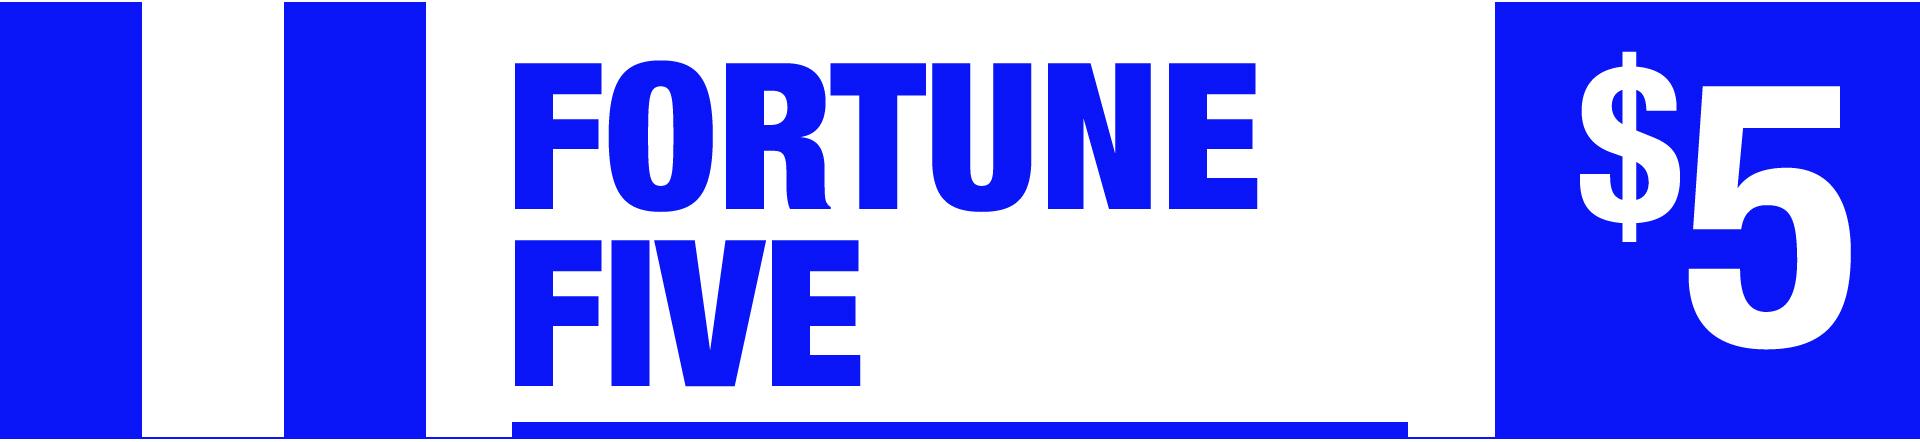 Fortune Five